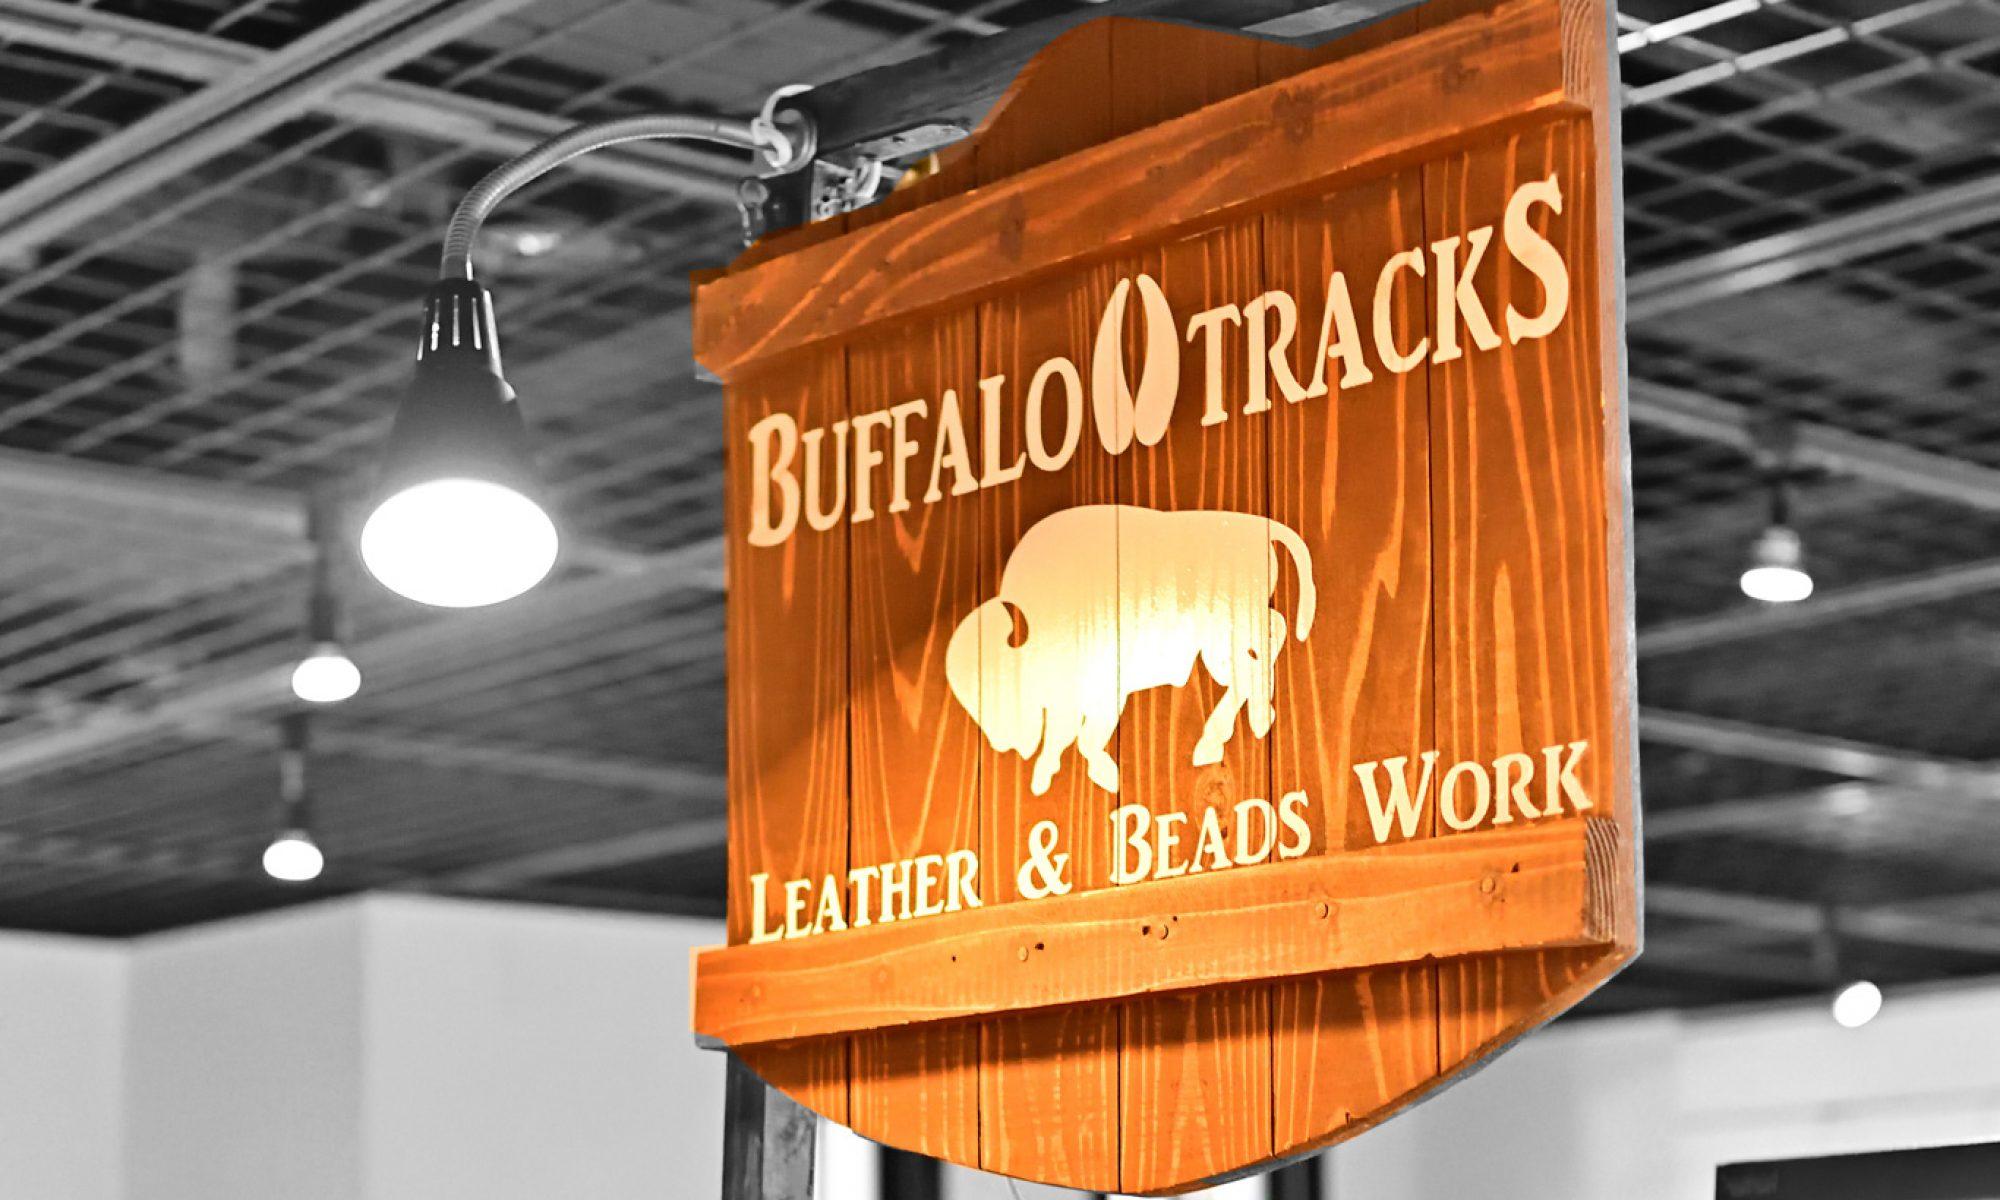 Buffalo Tracks